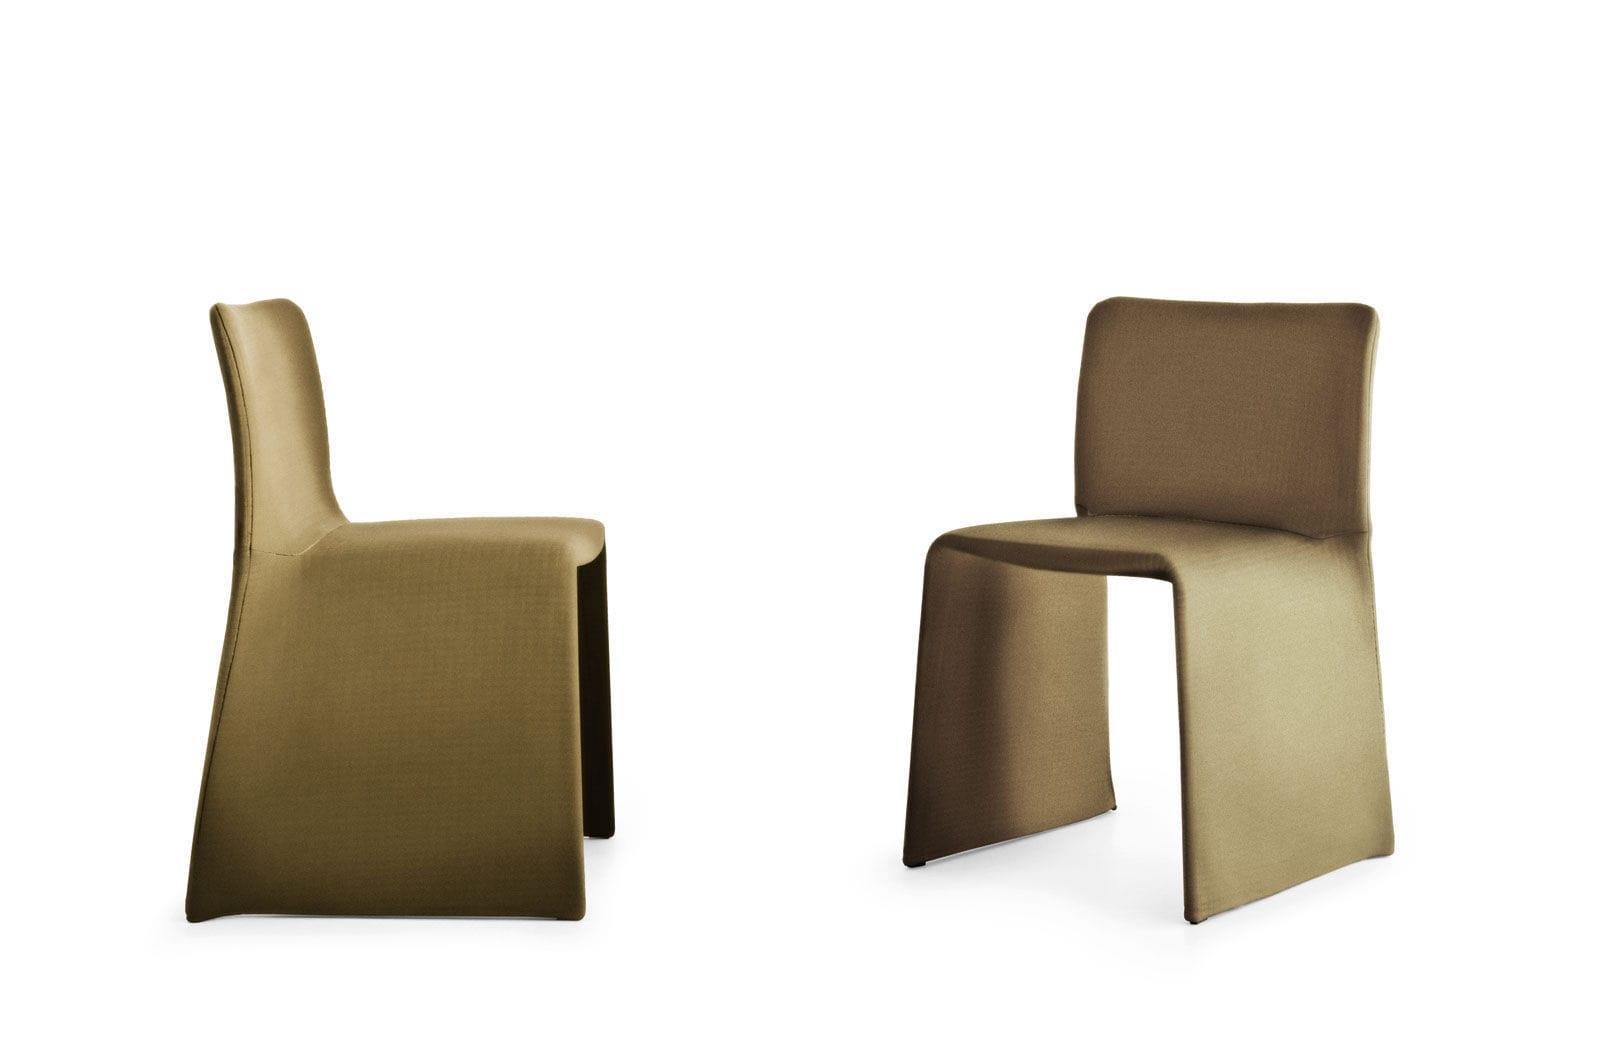 Sedia o poltroncina molteni c modello glove sedie a for Silla glove forma 5